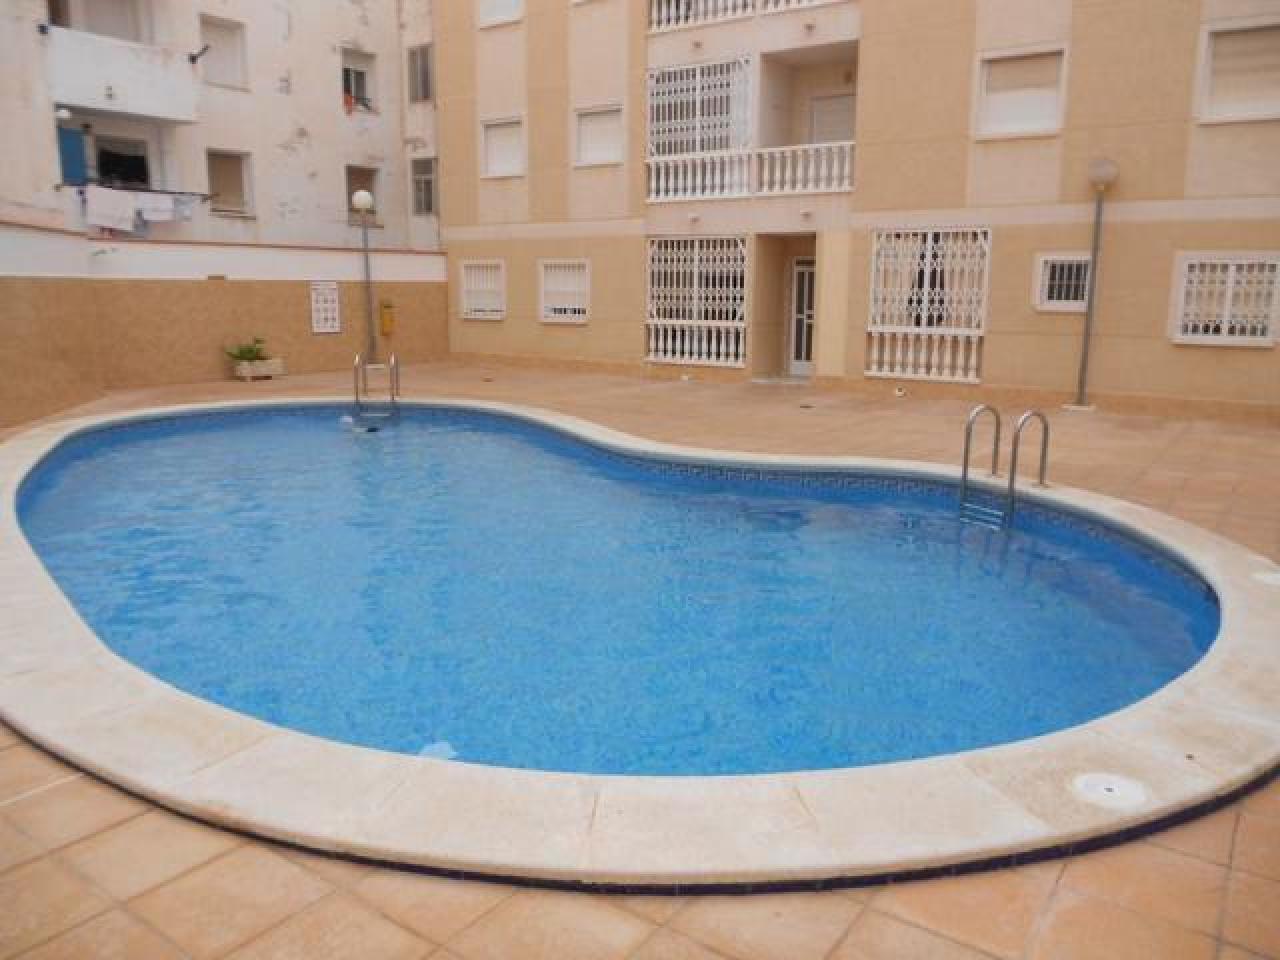 Apartment in Spain - 2